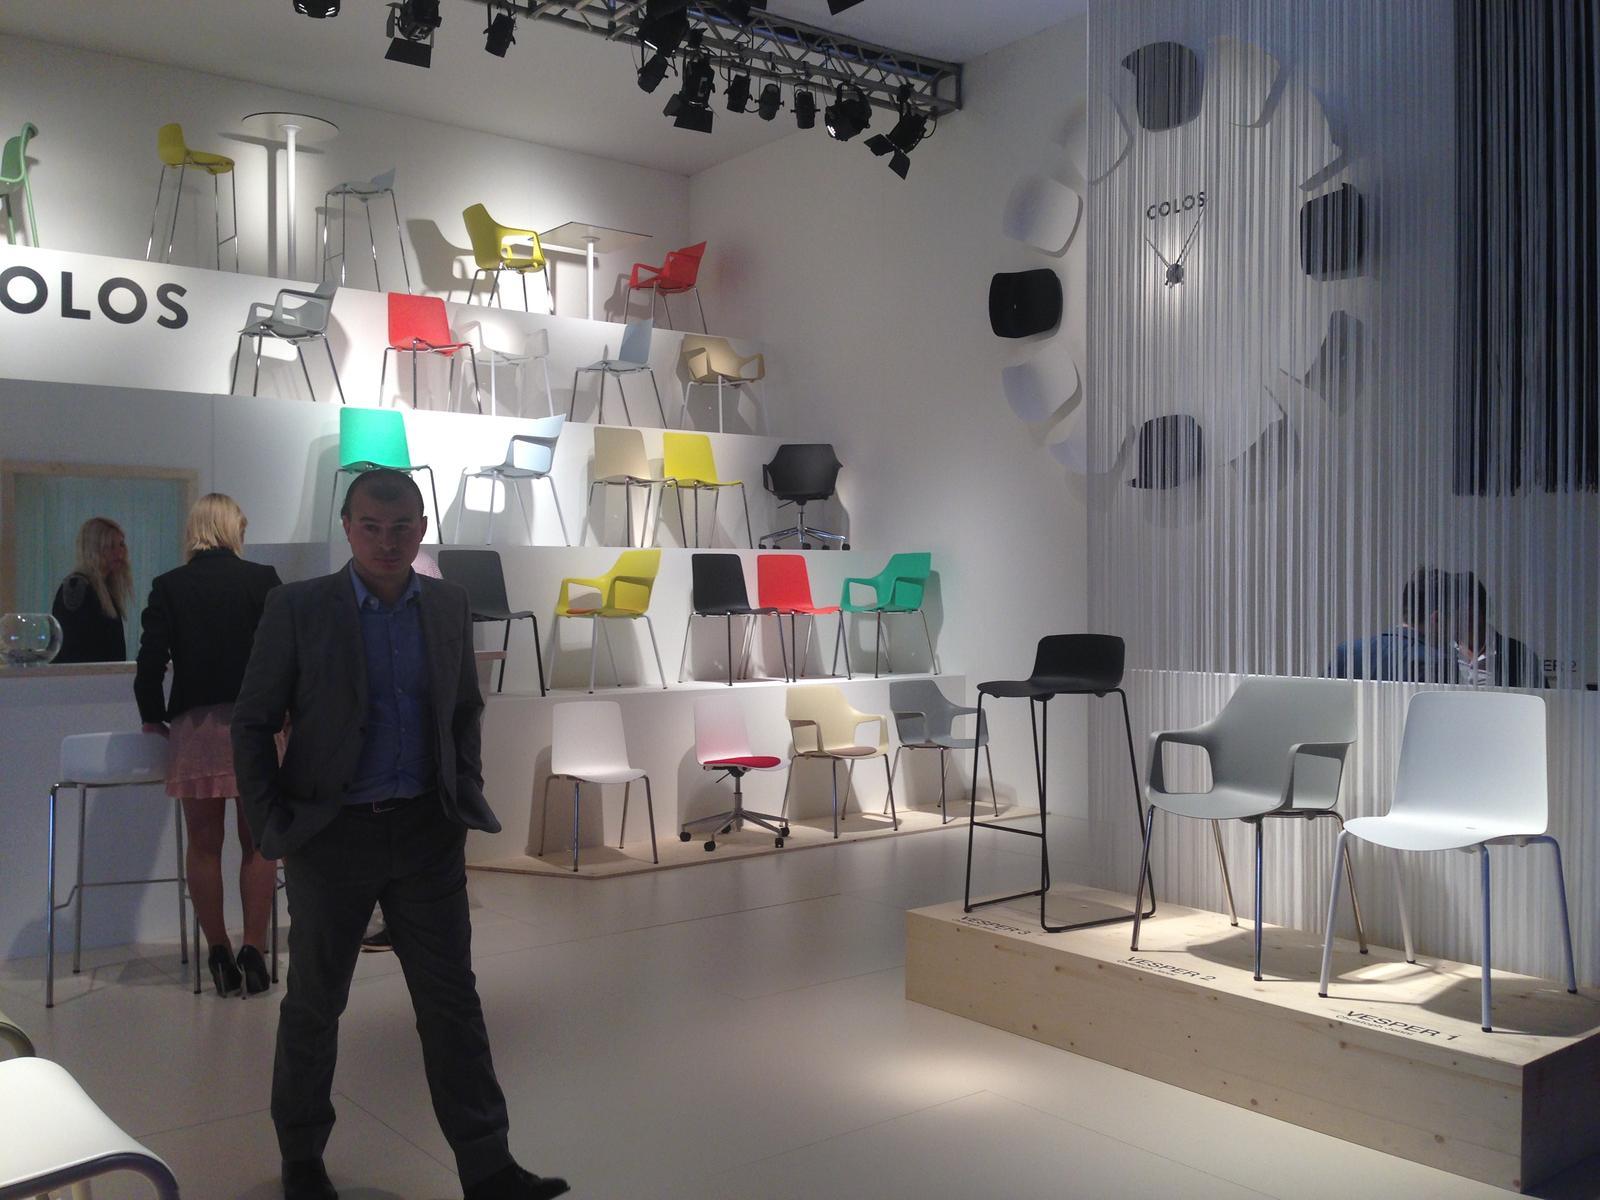 Milano - Salone del Mobile 2015 - Obrázek č. 4